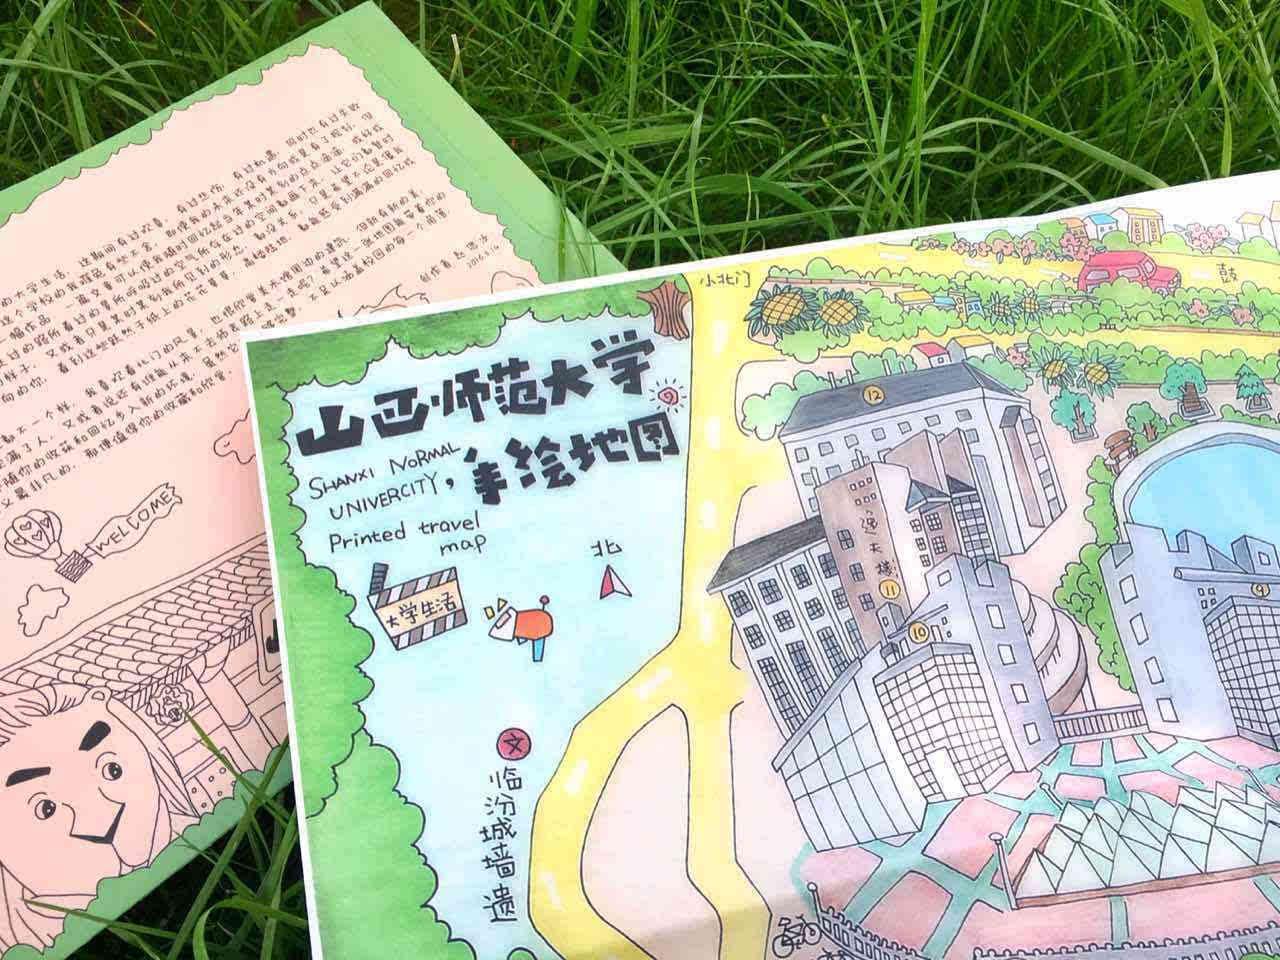 这组校园手绘图来自于山西师范大学美术学院1204设计班赵偲汝同学